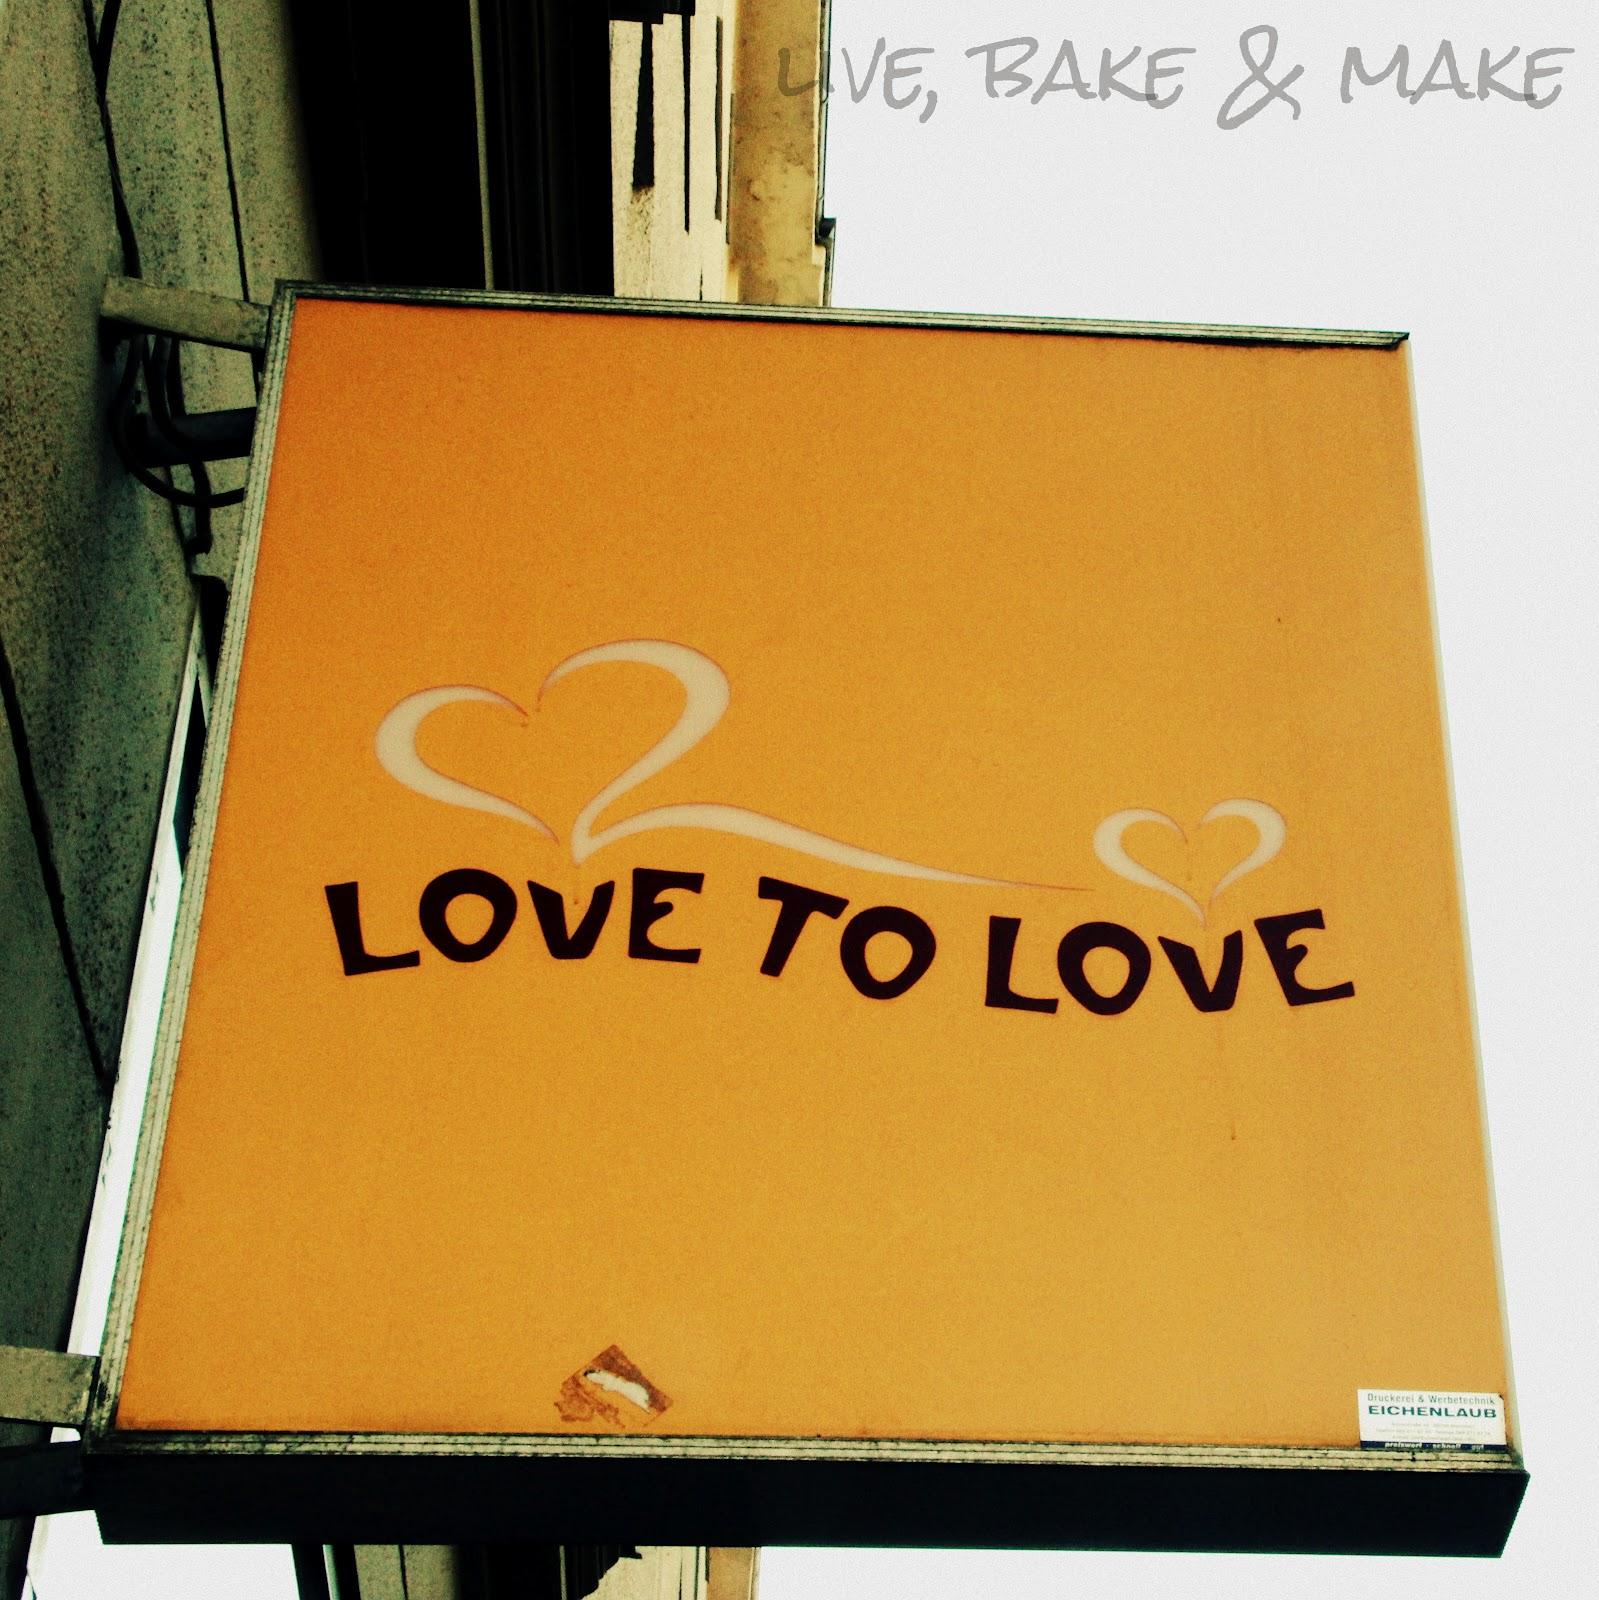 ☕ Kaffee Bilder Kaffee GB Pics GBPicsOnline